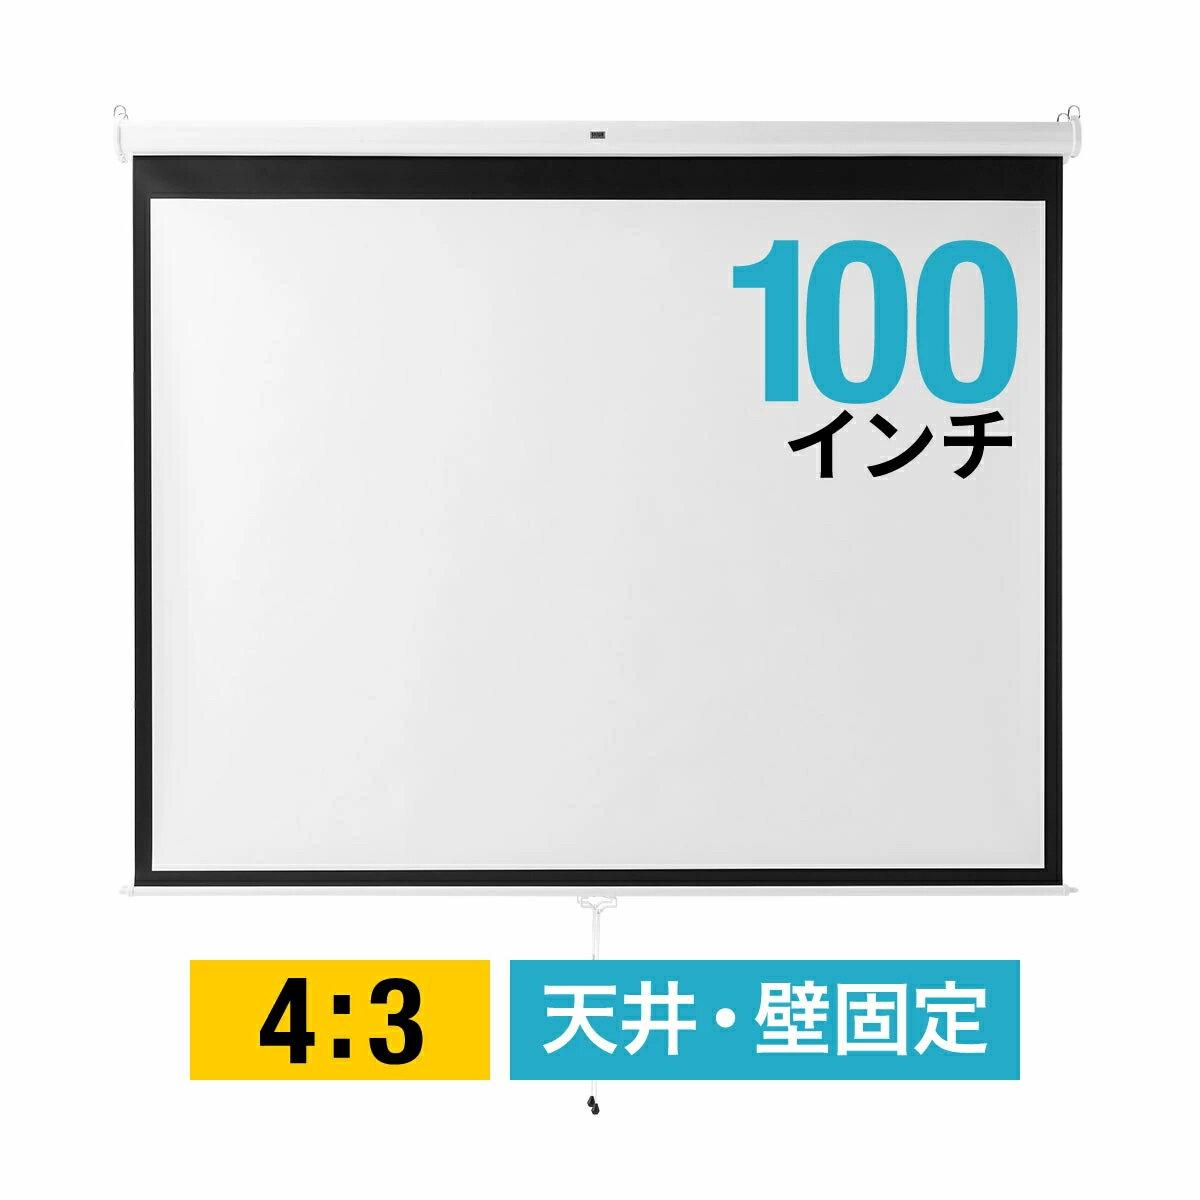 プロジェクター用アクセサリー, プロジェクタースクリーン  100 4:3 100-PRS017